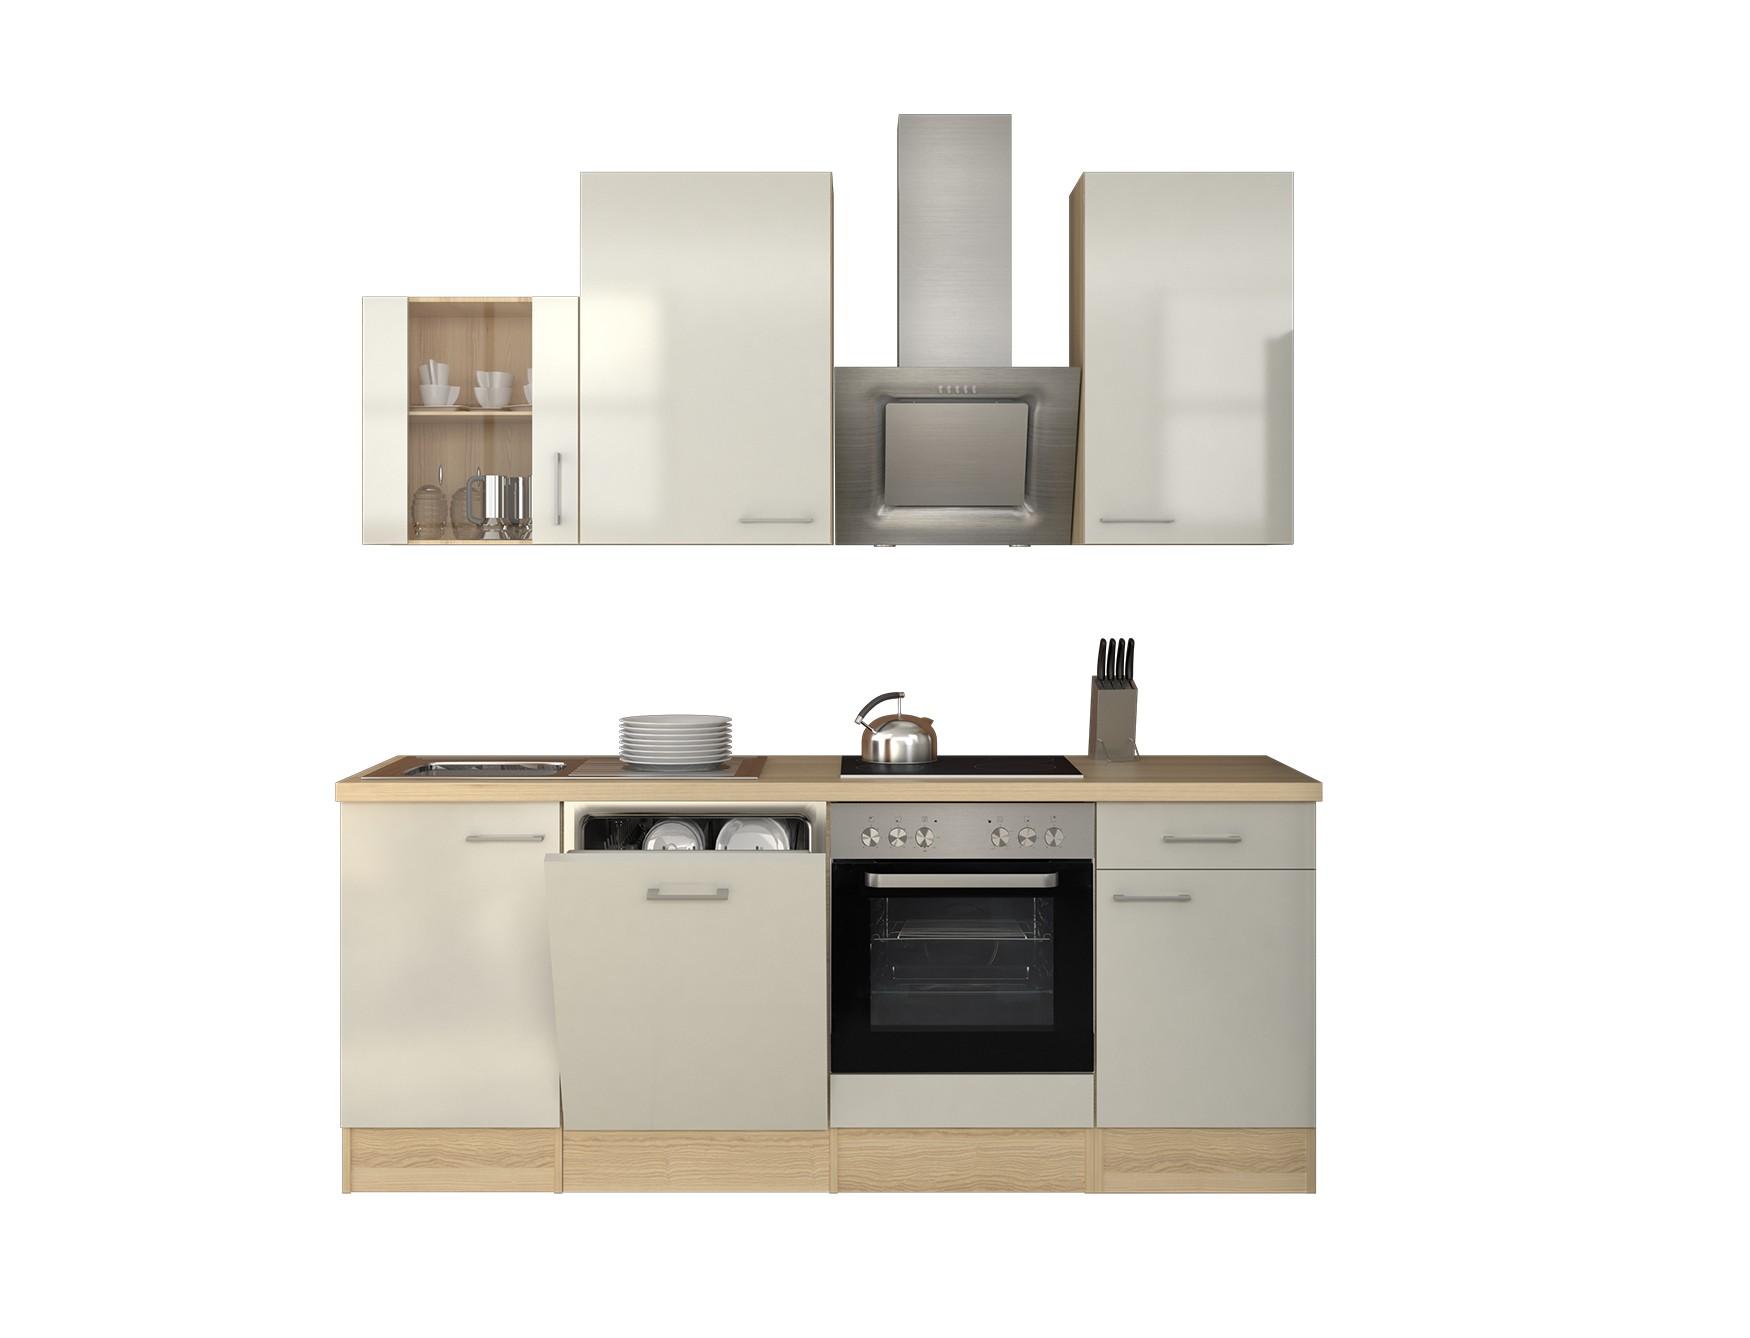 k chenzeile florenz k che mit e ger ten und glash nger breite 220 cm perlmutt wei k che. Black Bedroom Furniture Sets. Home Design Ideas